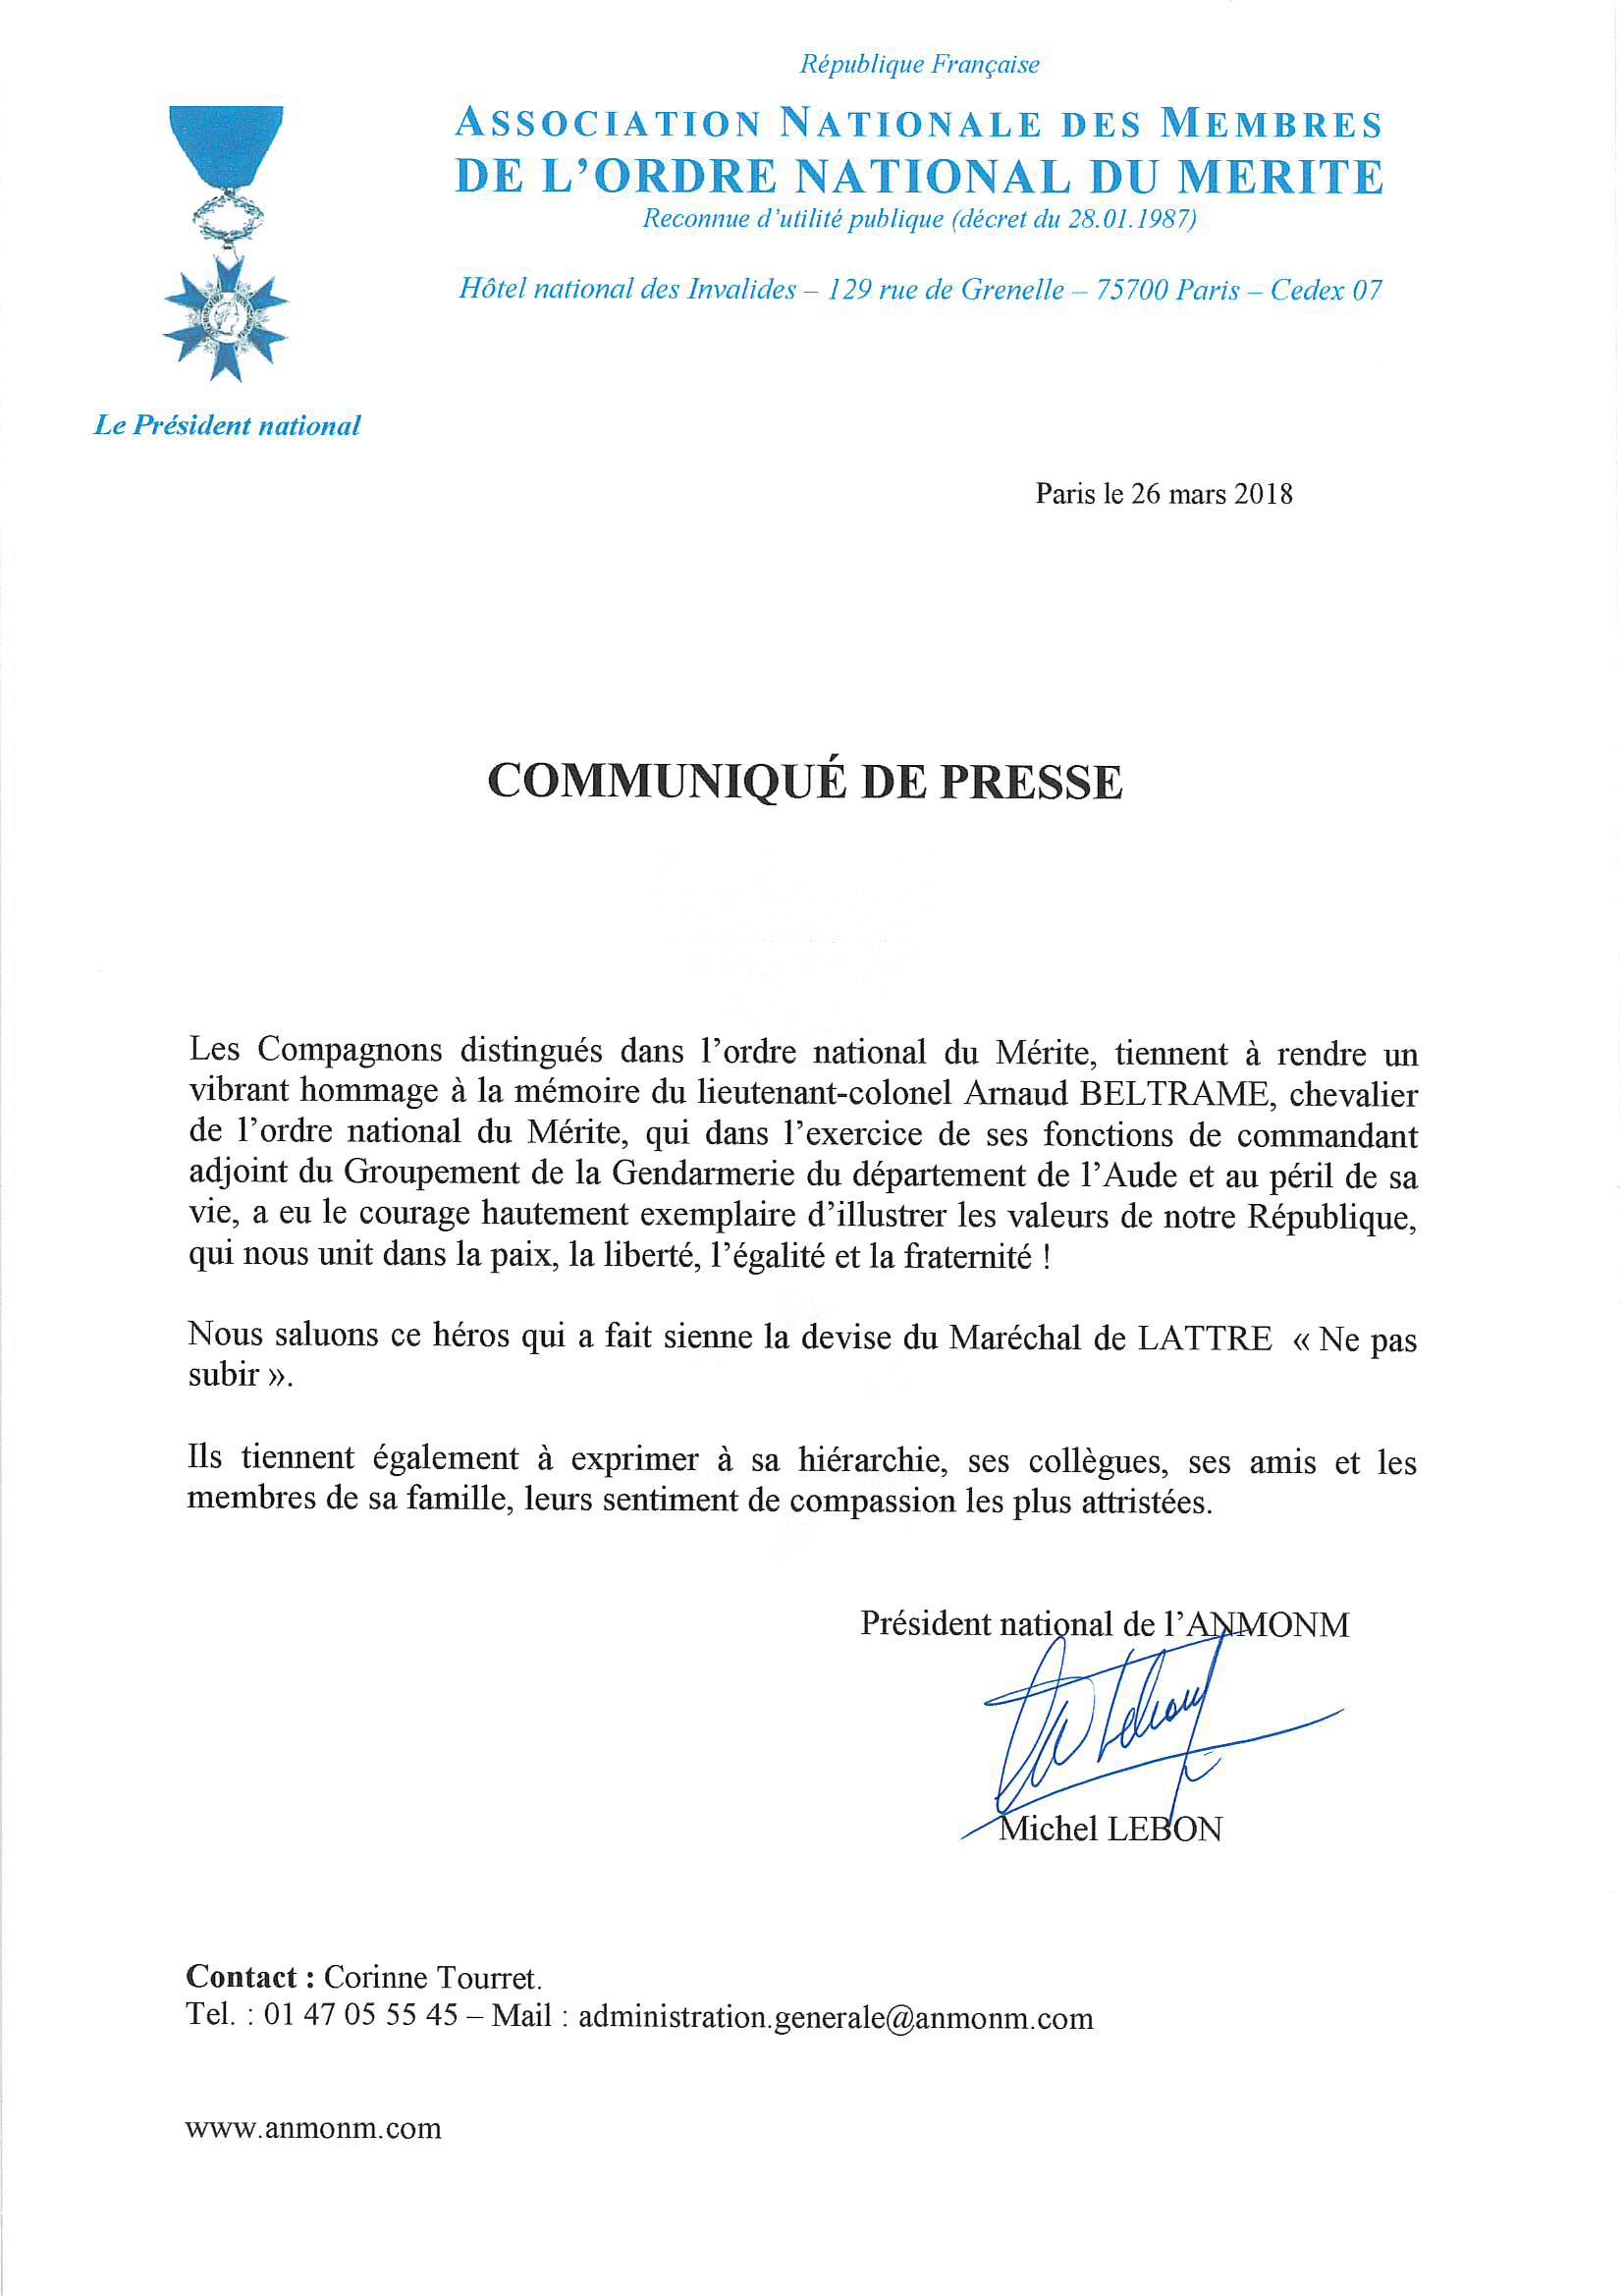 Copie de ANOMN Communiqué_de_presse_saluant_le_sacrifice_suprême_du_Lt_colonel_Arnaud_BELTRAME (1)